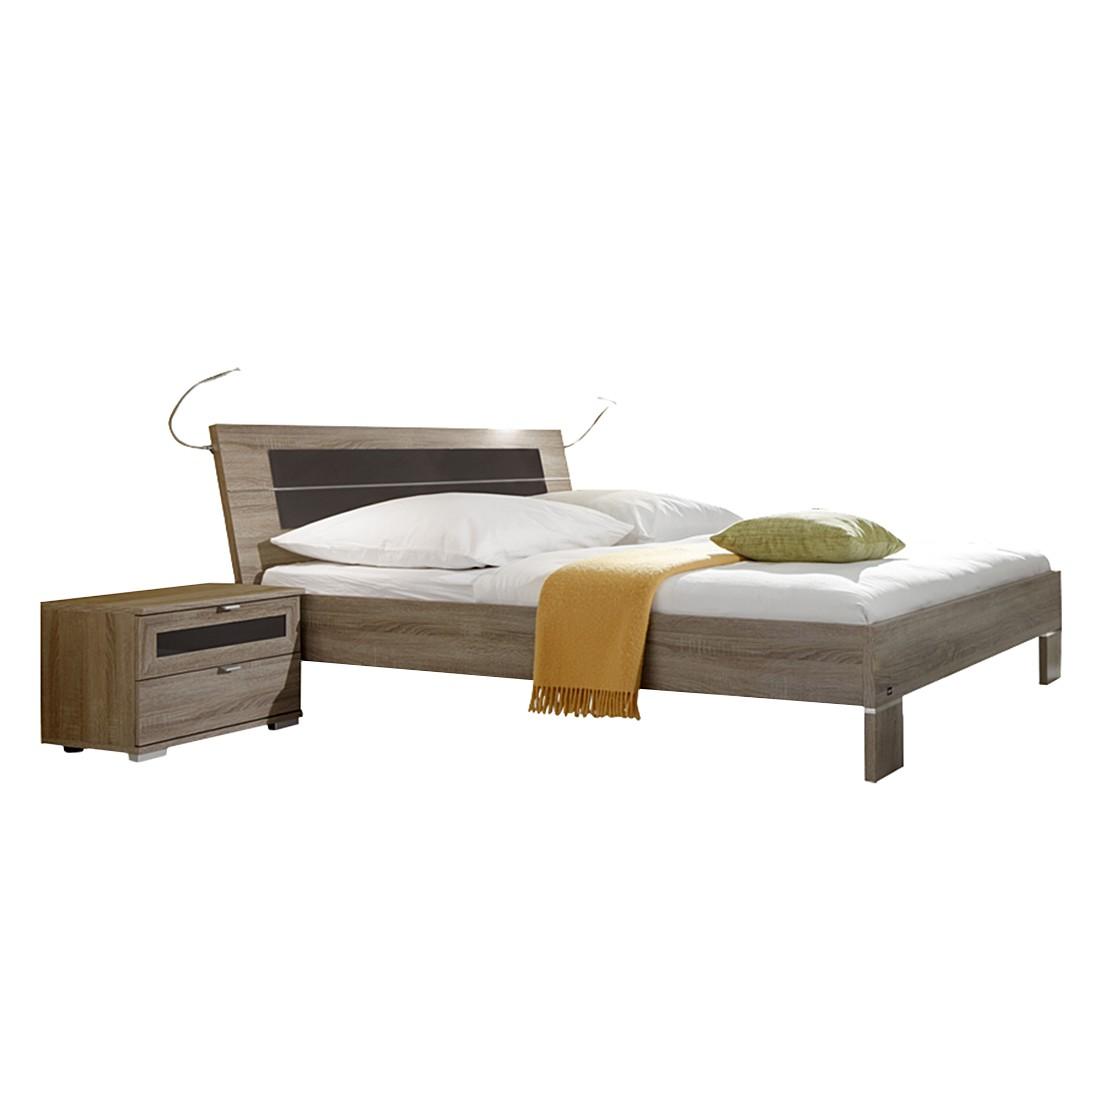 Schlafzimmer Set Zoreca (4-teilig) - Eiche Dekor/Braun - 001 - Liegefläche: 160x200, Star Möbel ...